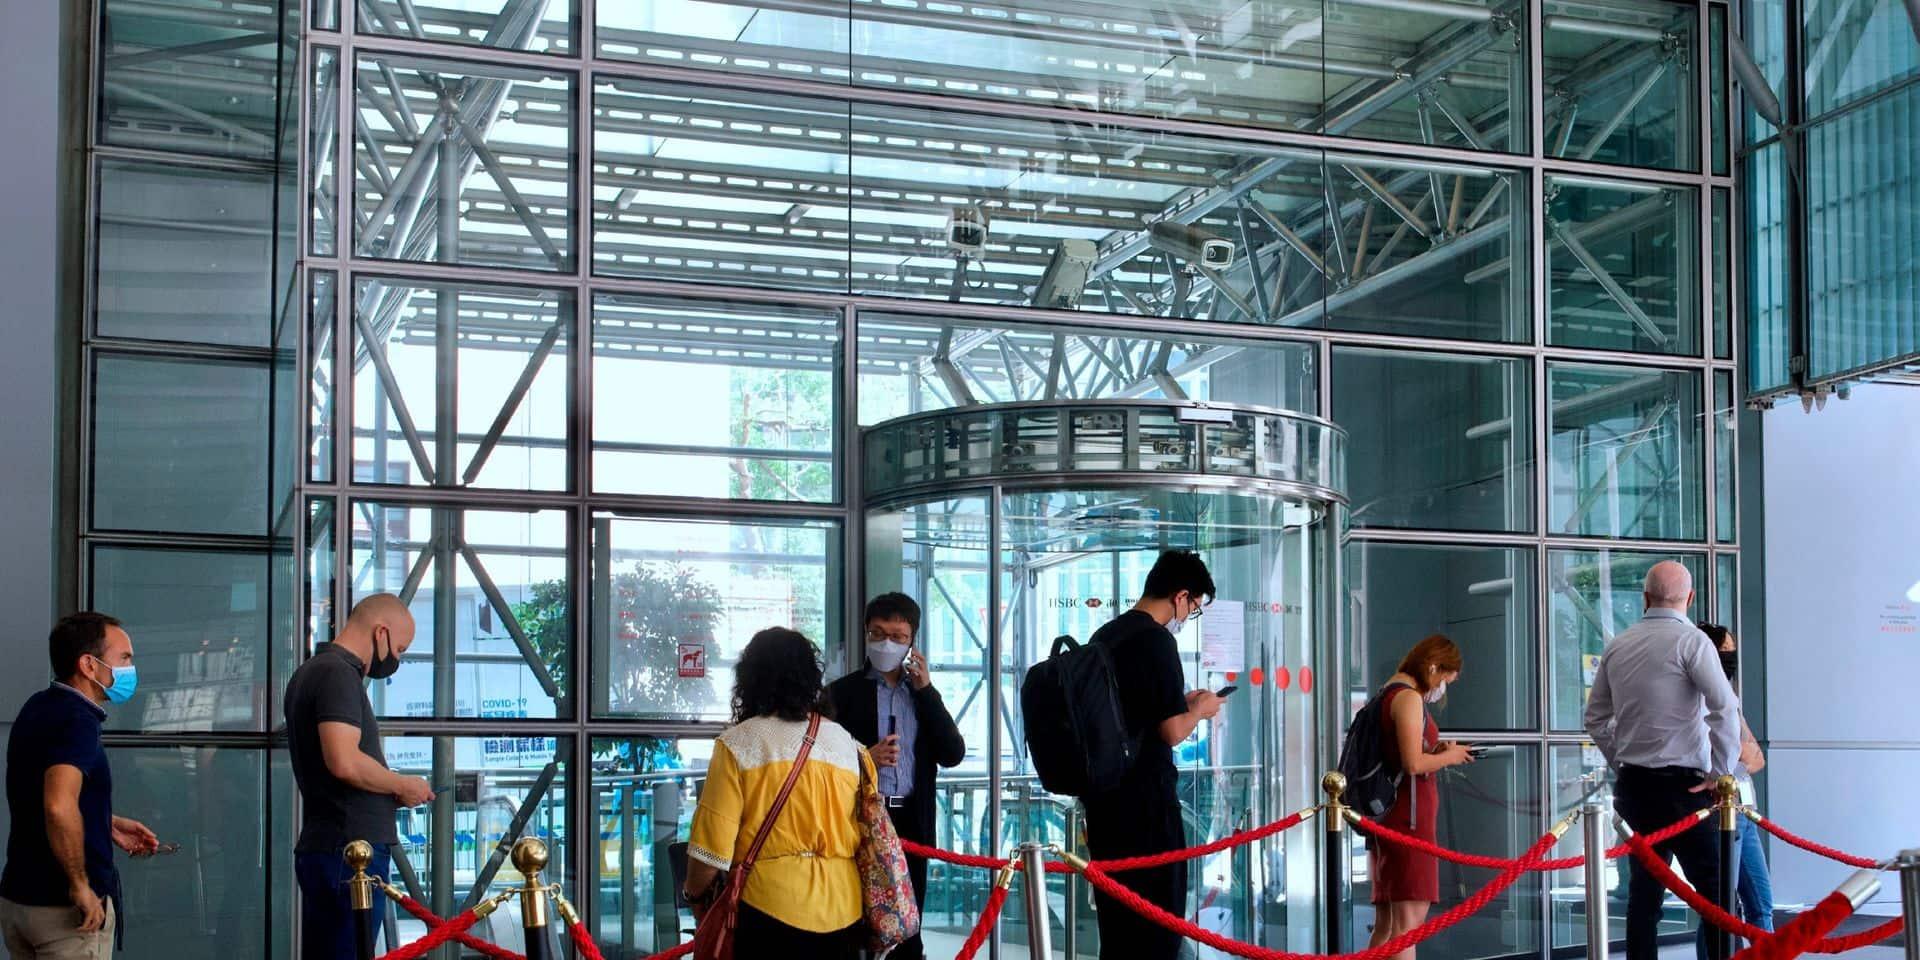 Enfants séparés de leurs parents ou attachés à leurs lits: malgré les critiques sur sa gestion de l'épidémie, Hong Kong assume